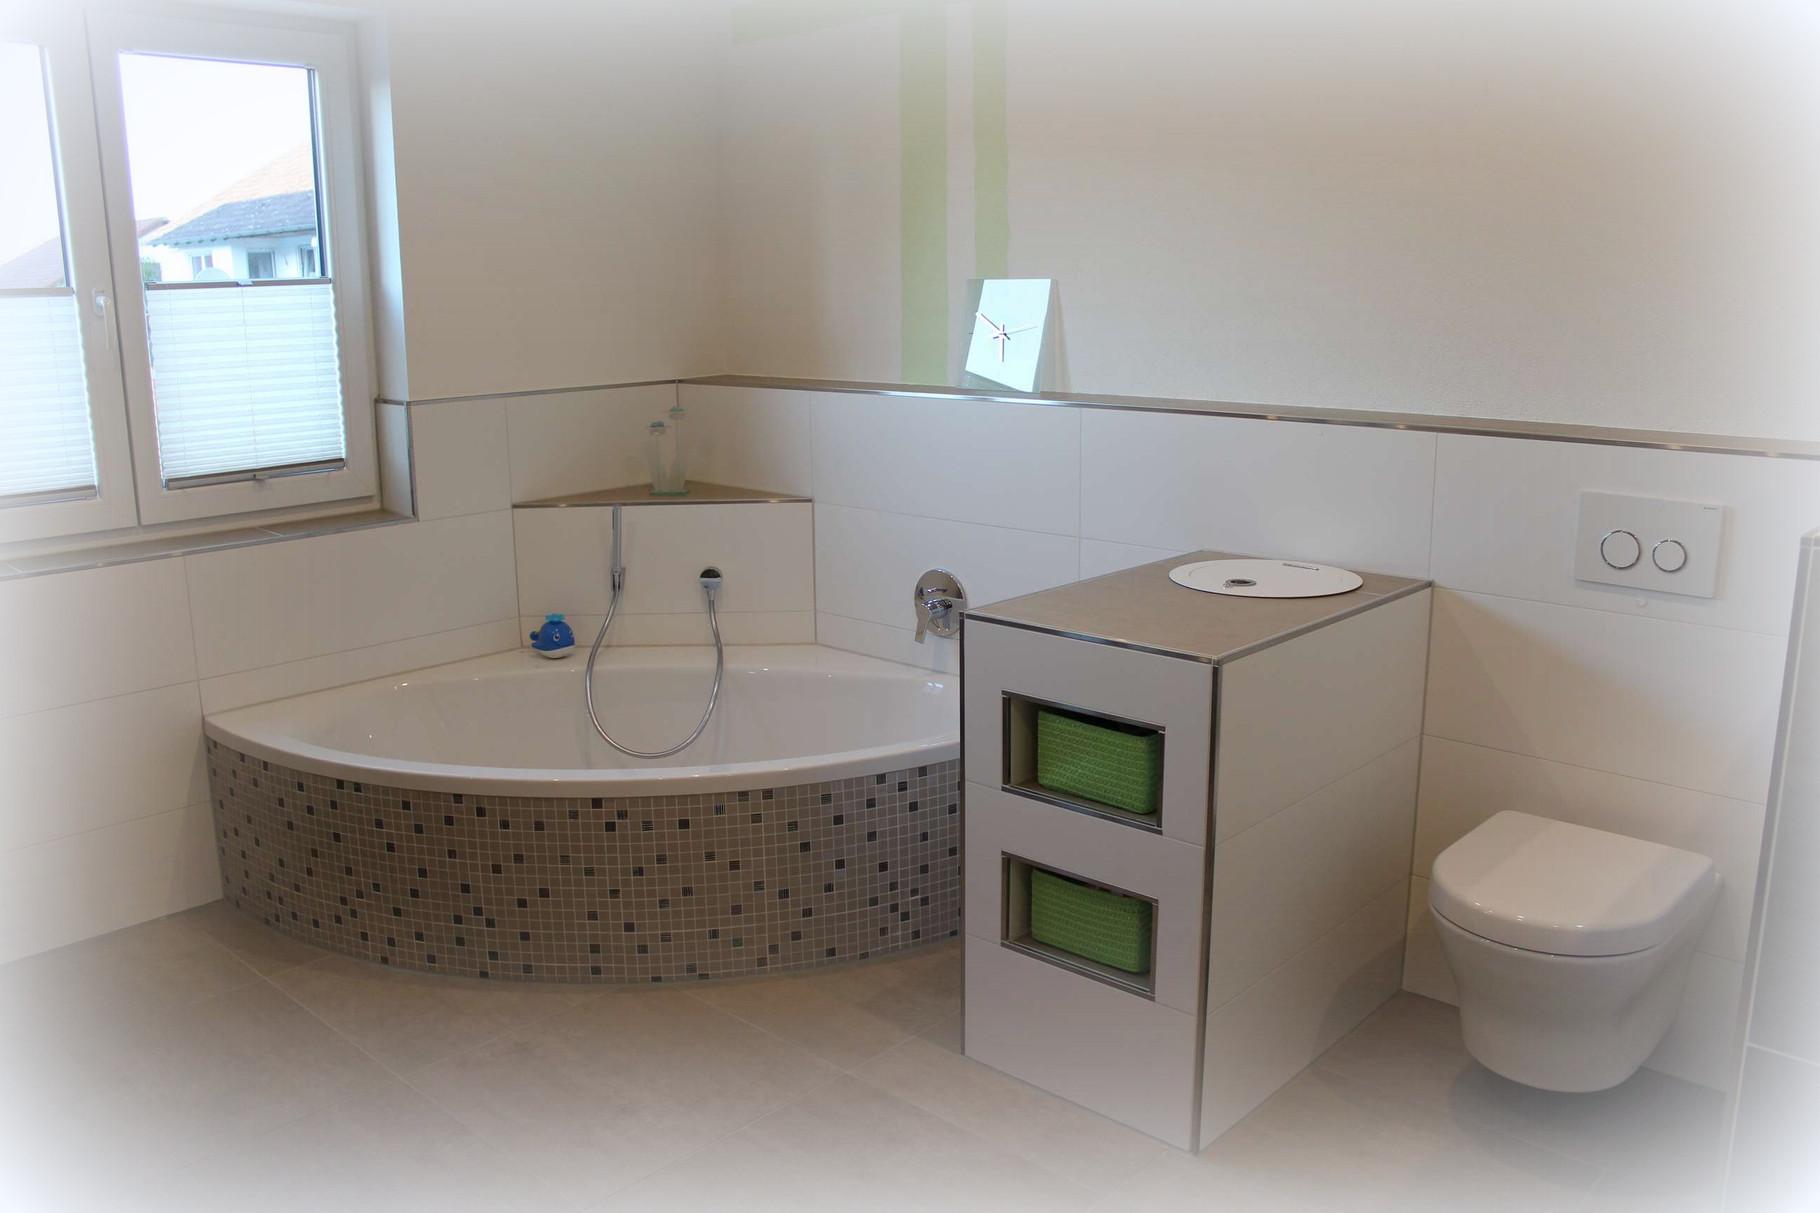 bodenfliesen mosaik aus italien wandfliesen 30x90 cm und edelstahl quadec schienen lassen. Black Bedroom Furniture Sets. Home Design Ideas